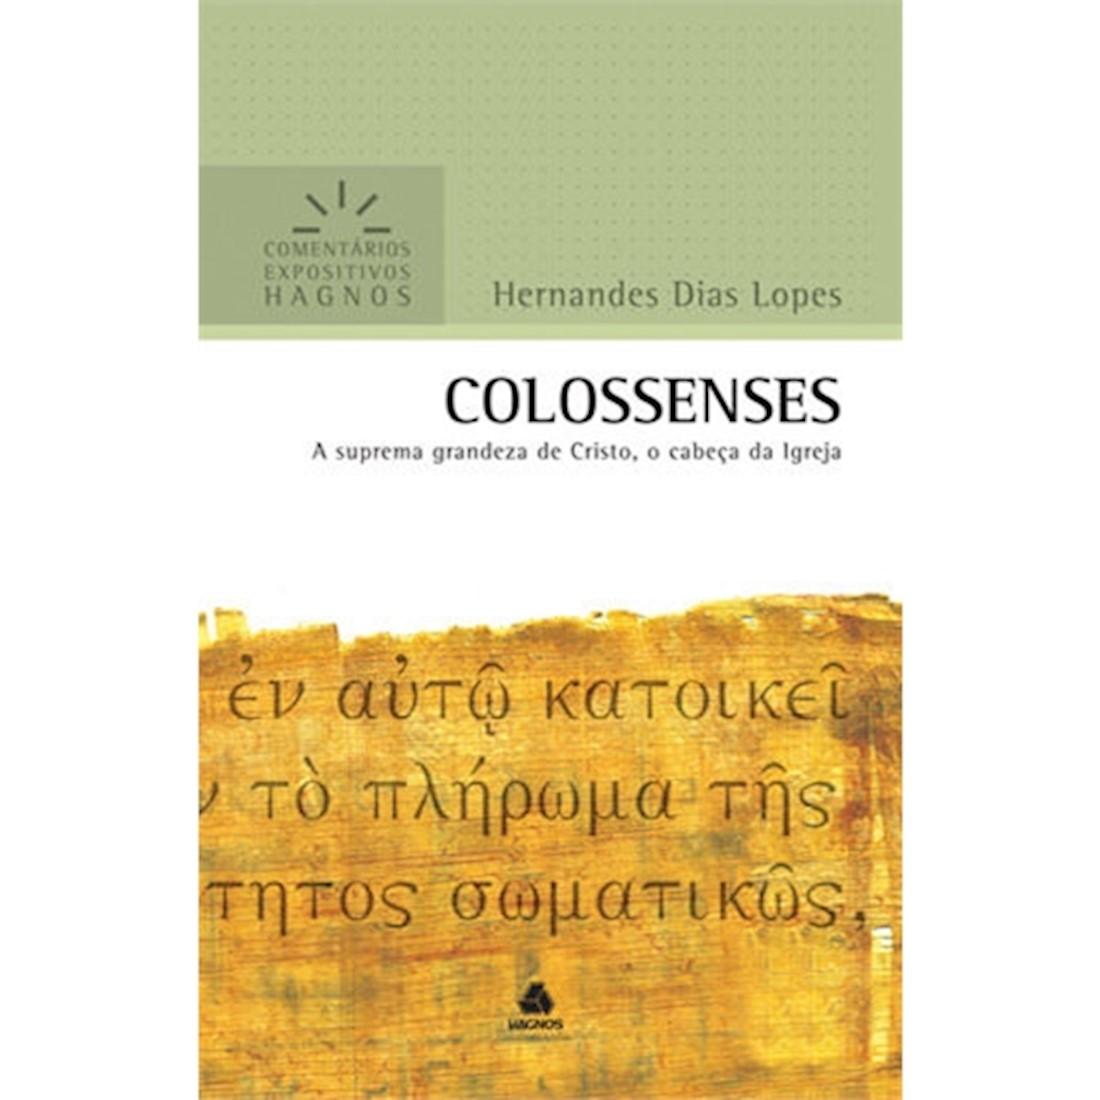 Livro Colossenses   Comentários Expositivos Hagnos